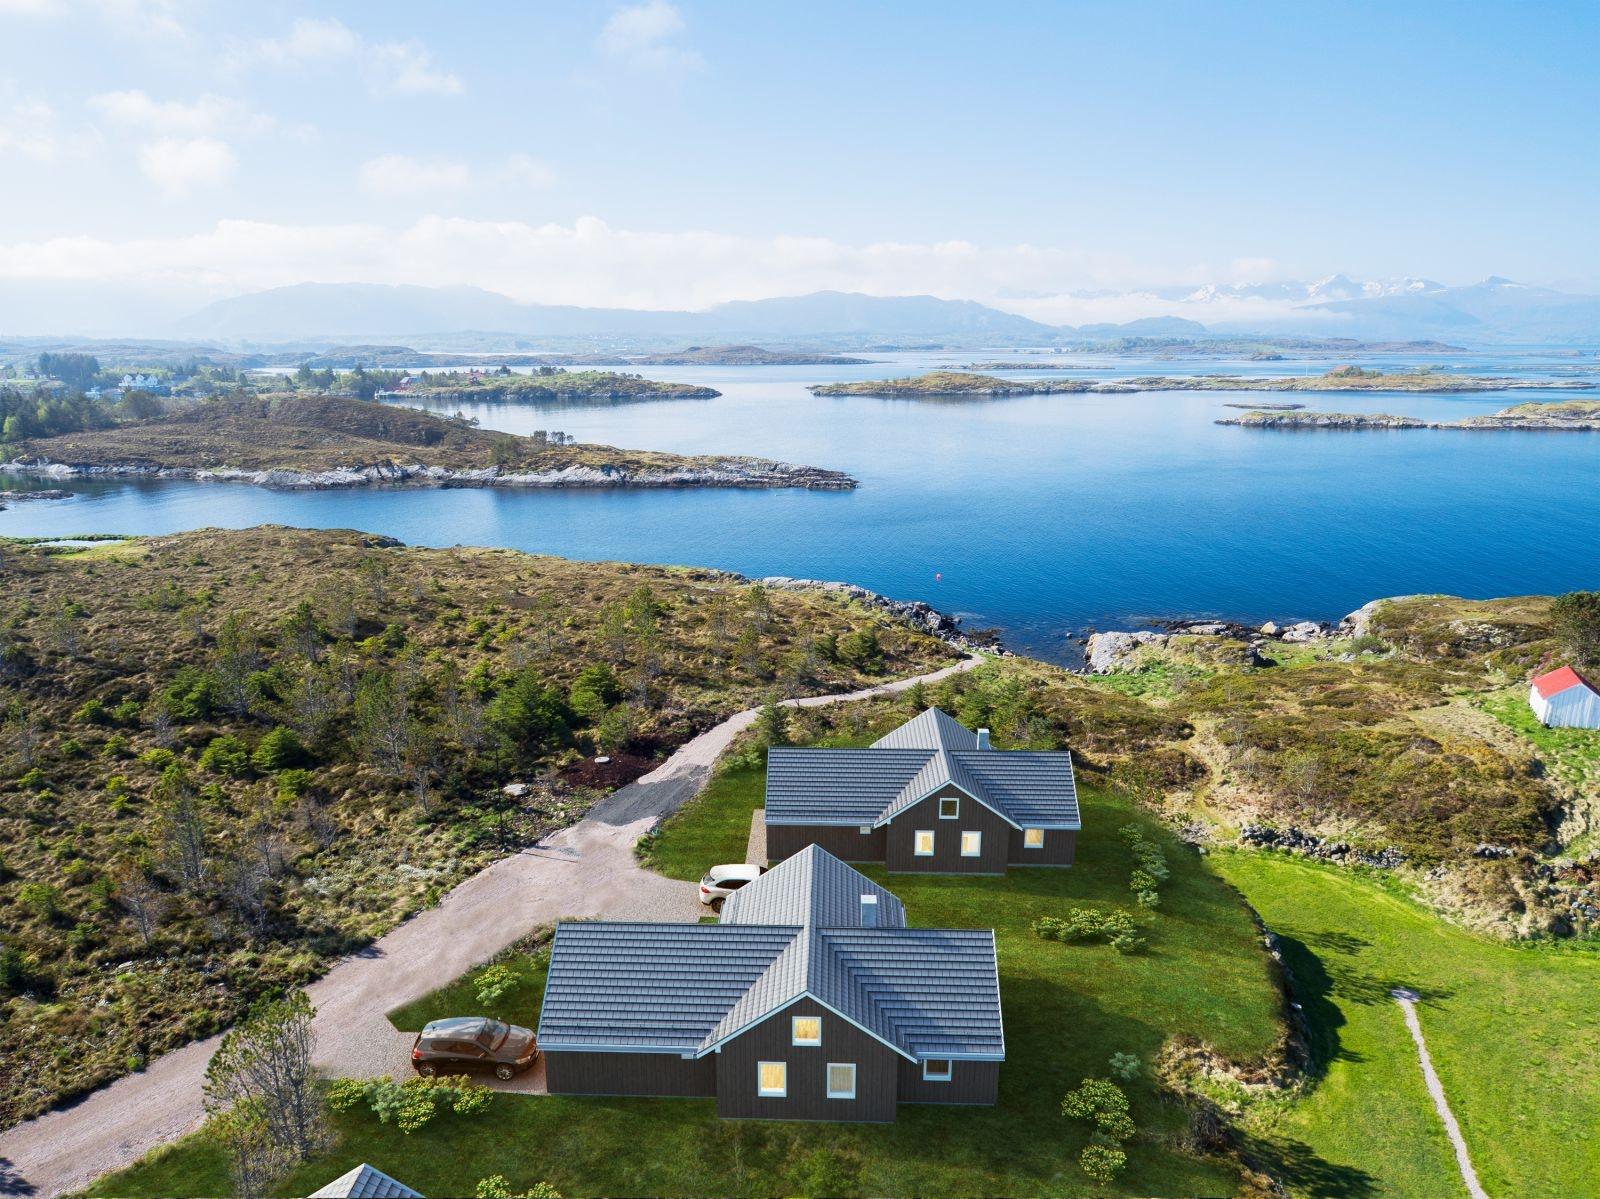 Lysøya - 13 solrike tomter med prosjektert fritidsbolig - Ditt eget fritidsparadis ved havet!